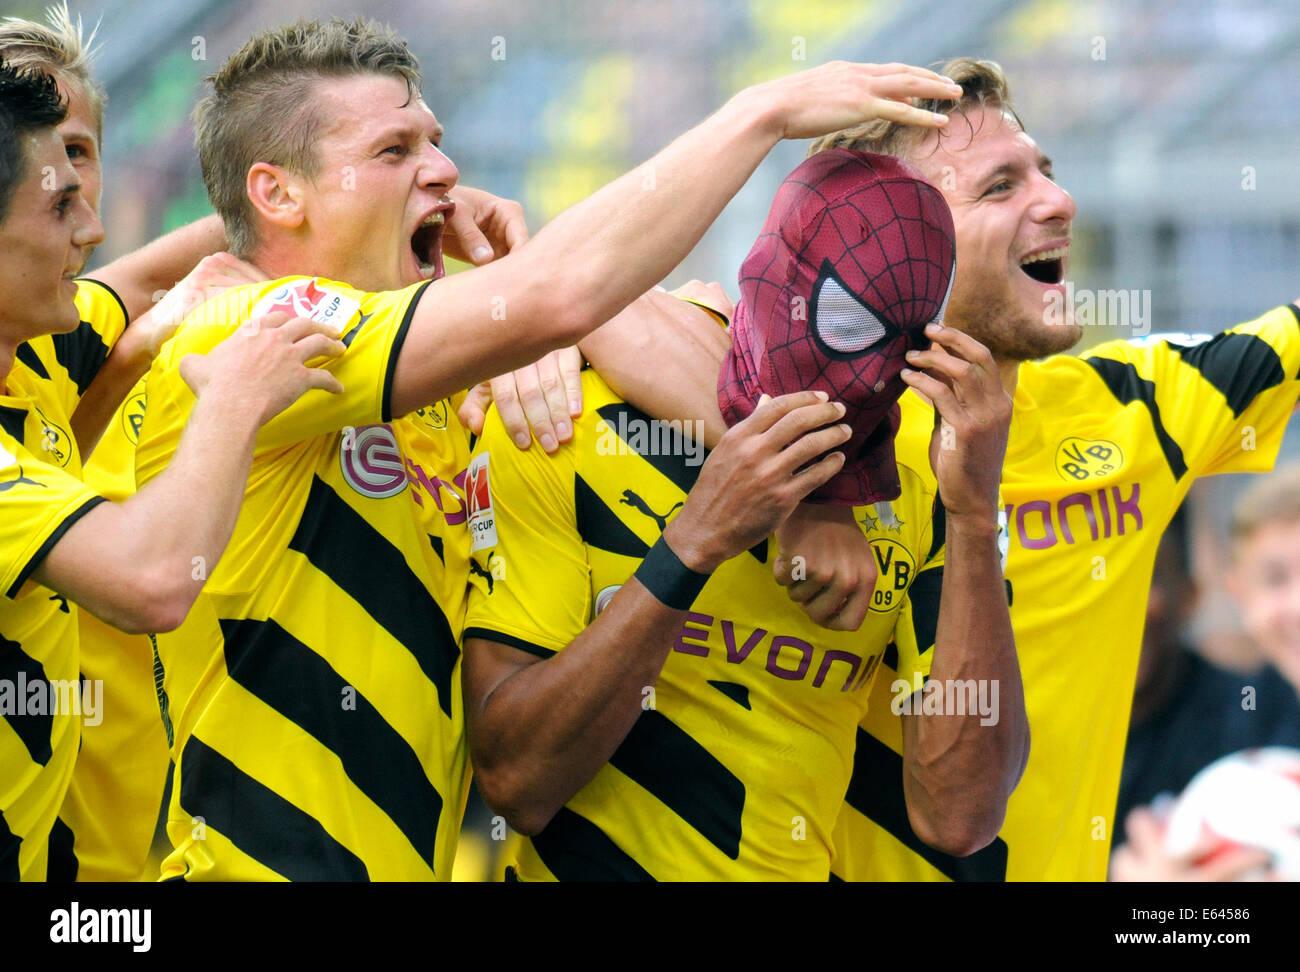 Dortmund, Deutschland. 13. August 2014. Fußball, Deutschland, Supercup, Signal-Iduna-Park Dortmund: Borussia Dortmund, Stockfoto